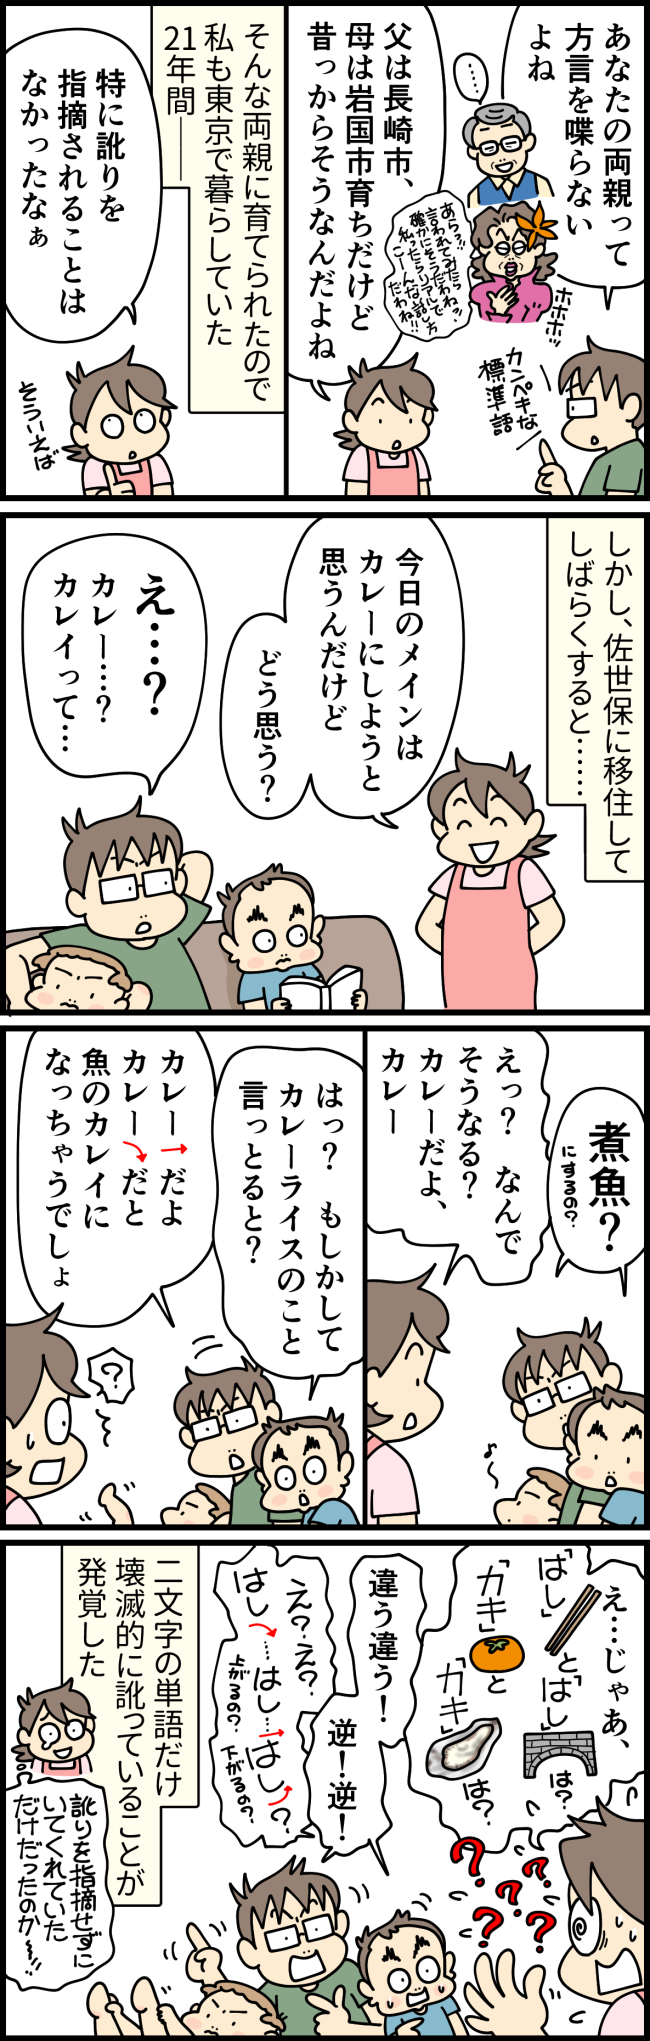 東京生活時代に訛りを指摘されたことがなかった佐世保出身の大原由軌子だが、「カレー」「はし」「カキ」等、二文字の単語だけ壊滅的に訛っていることが移住後に家族からの指摘で判明